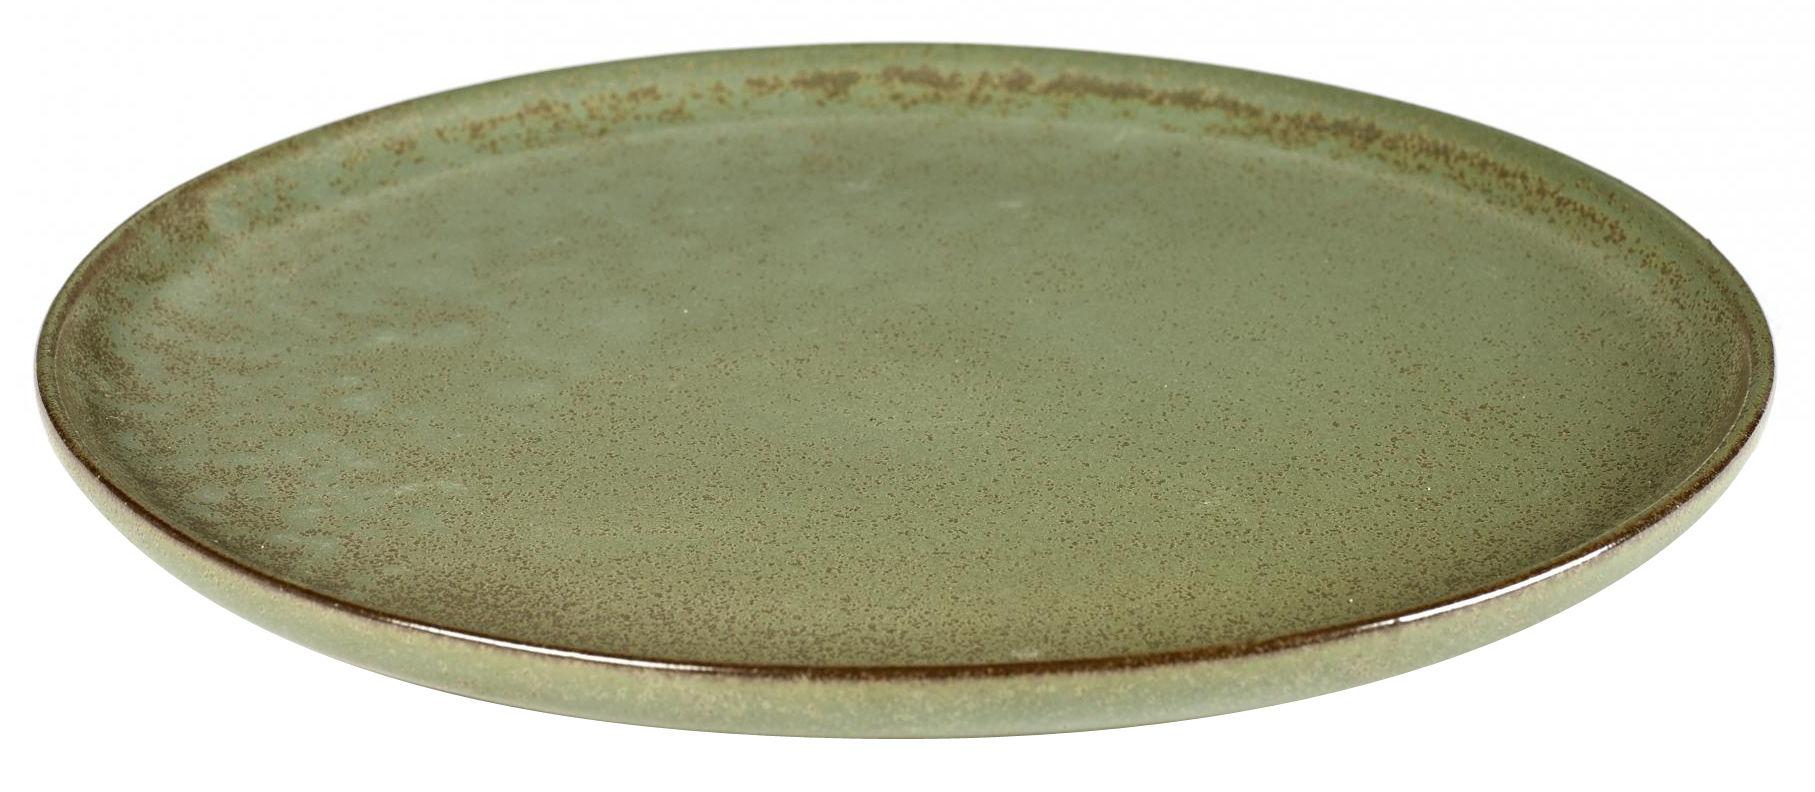 Tavola - Piatti  - Piatto piano Surface / Ø 27 cm - By Sergio Herman - Serax - Verde Camo green - Ceramica smaltata